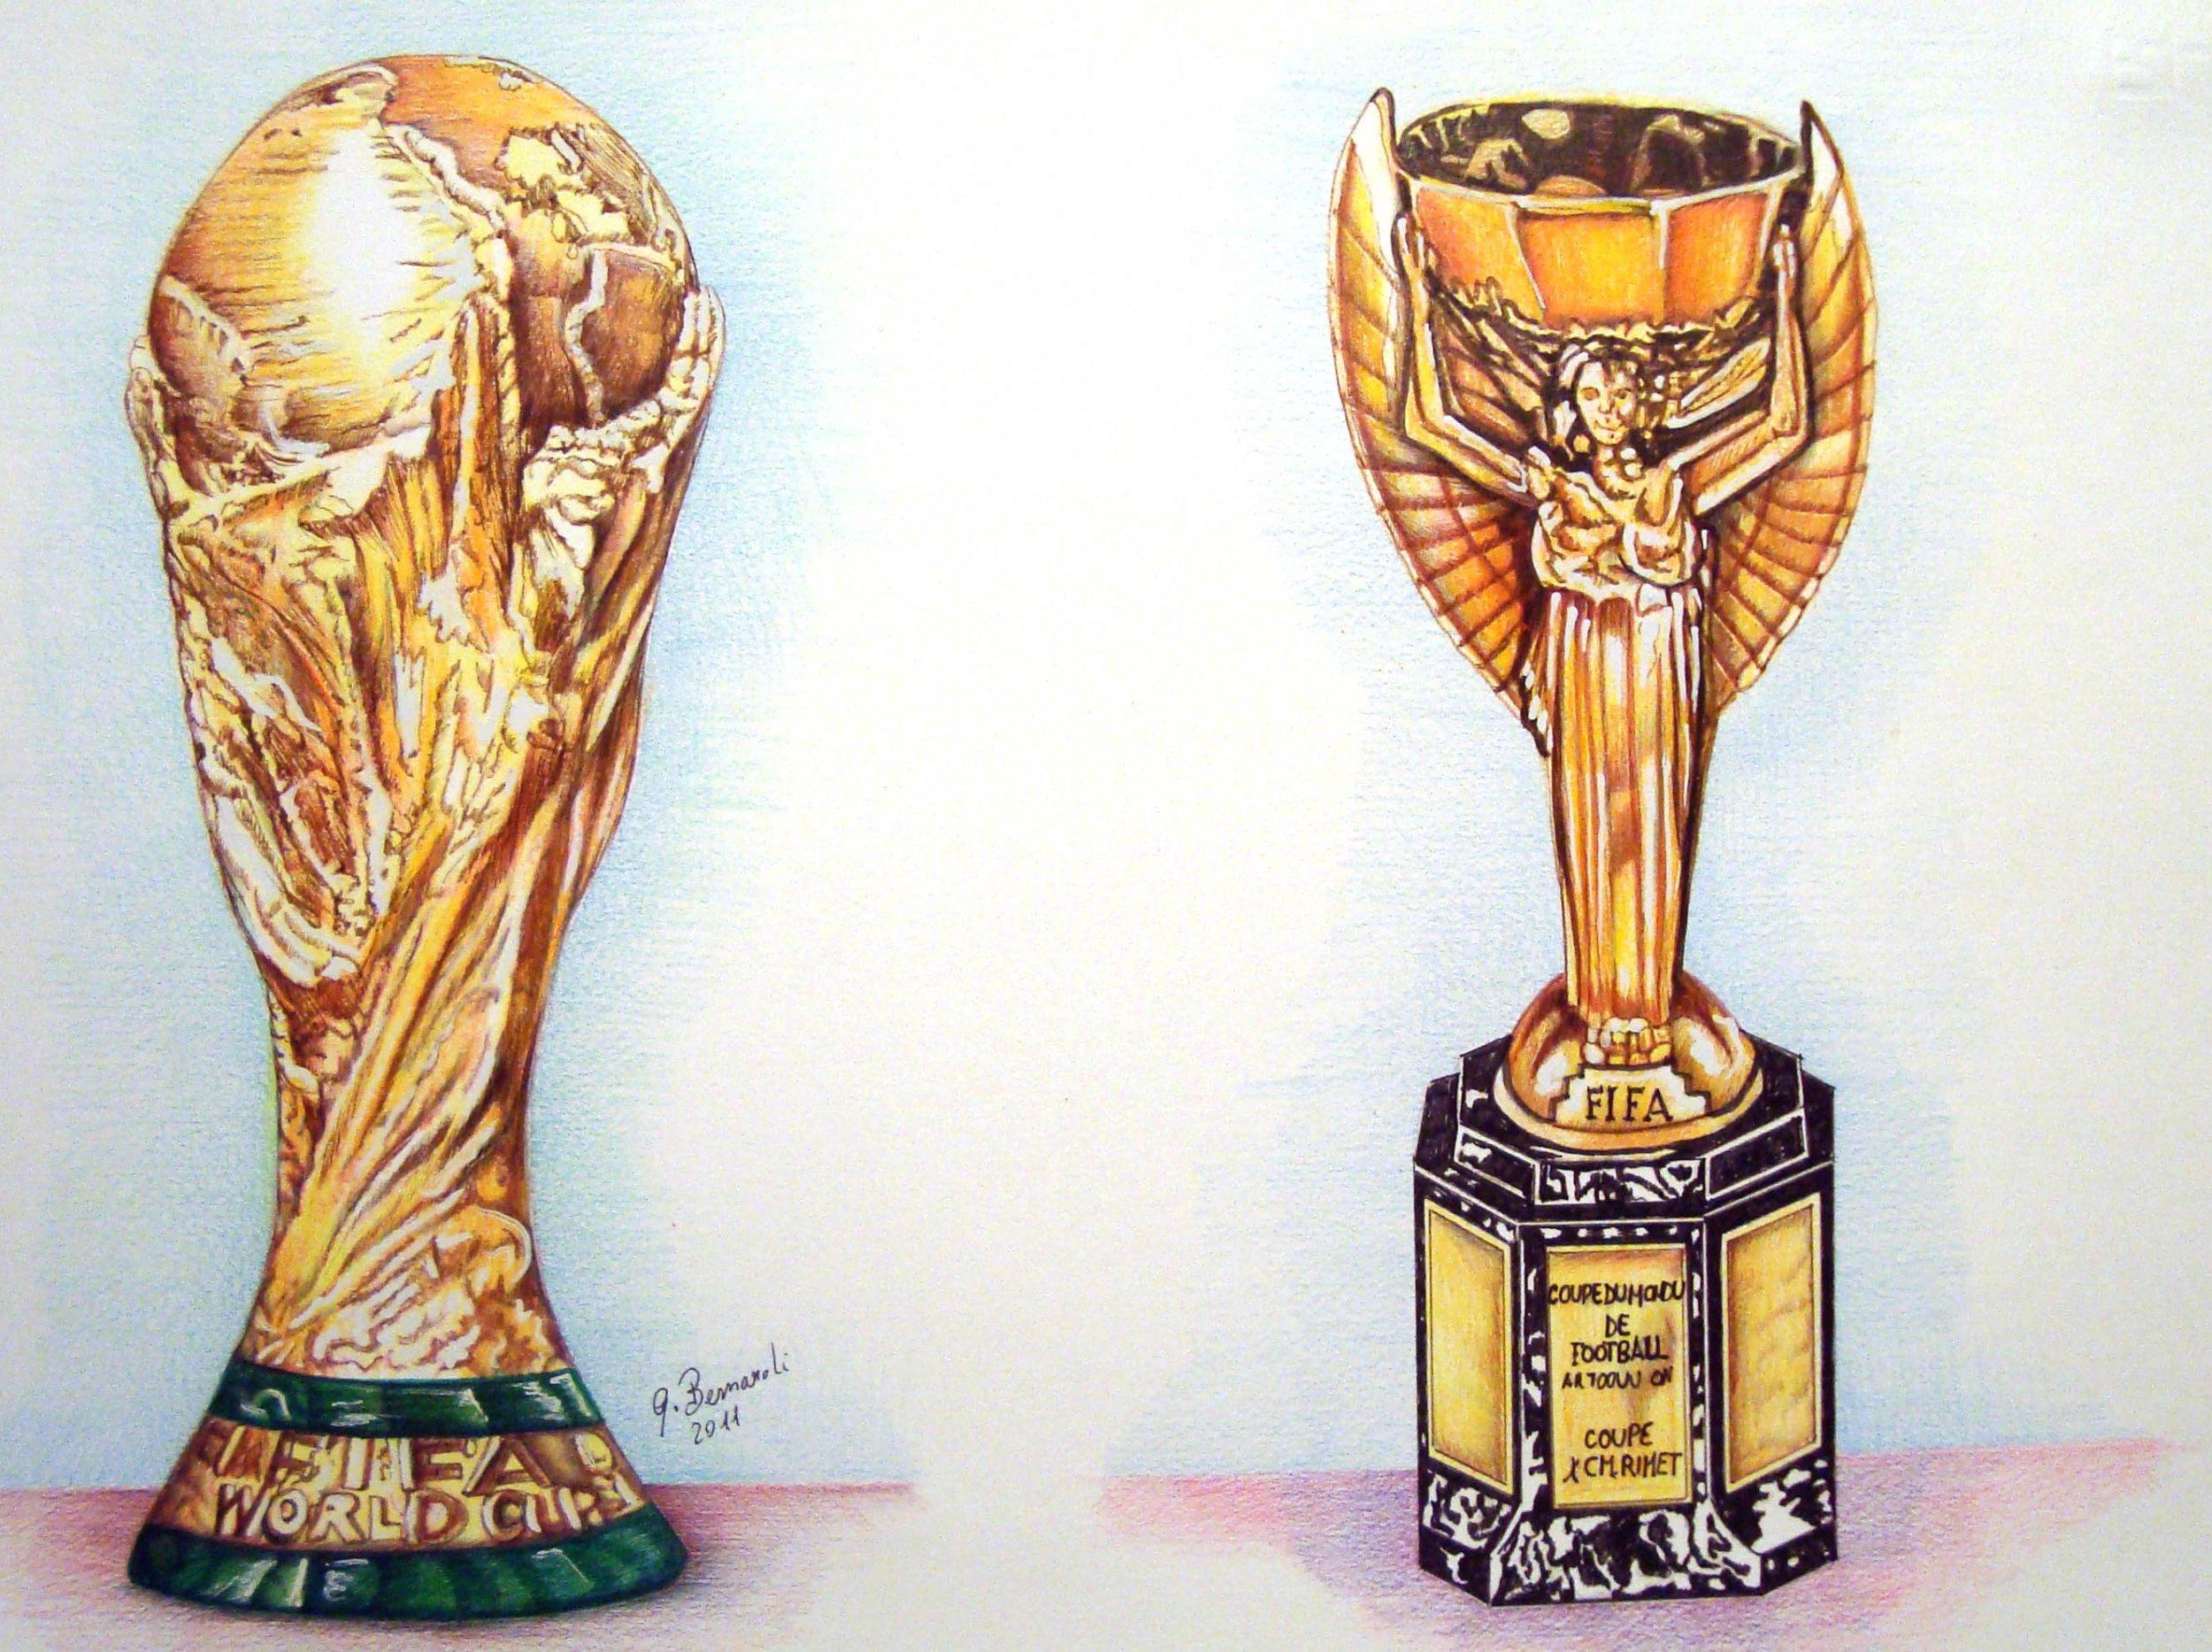 Coppa Del Mondo E Coppa Rimet Di Calcio